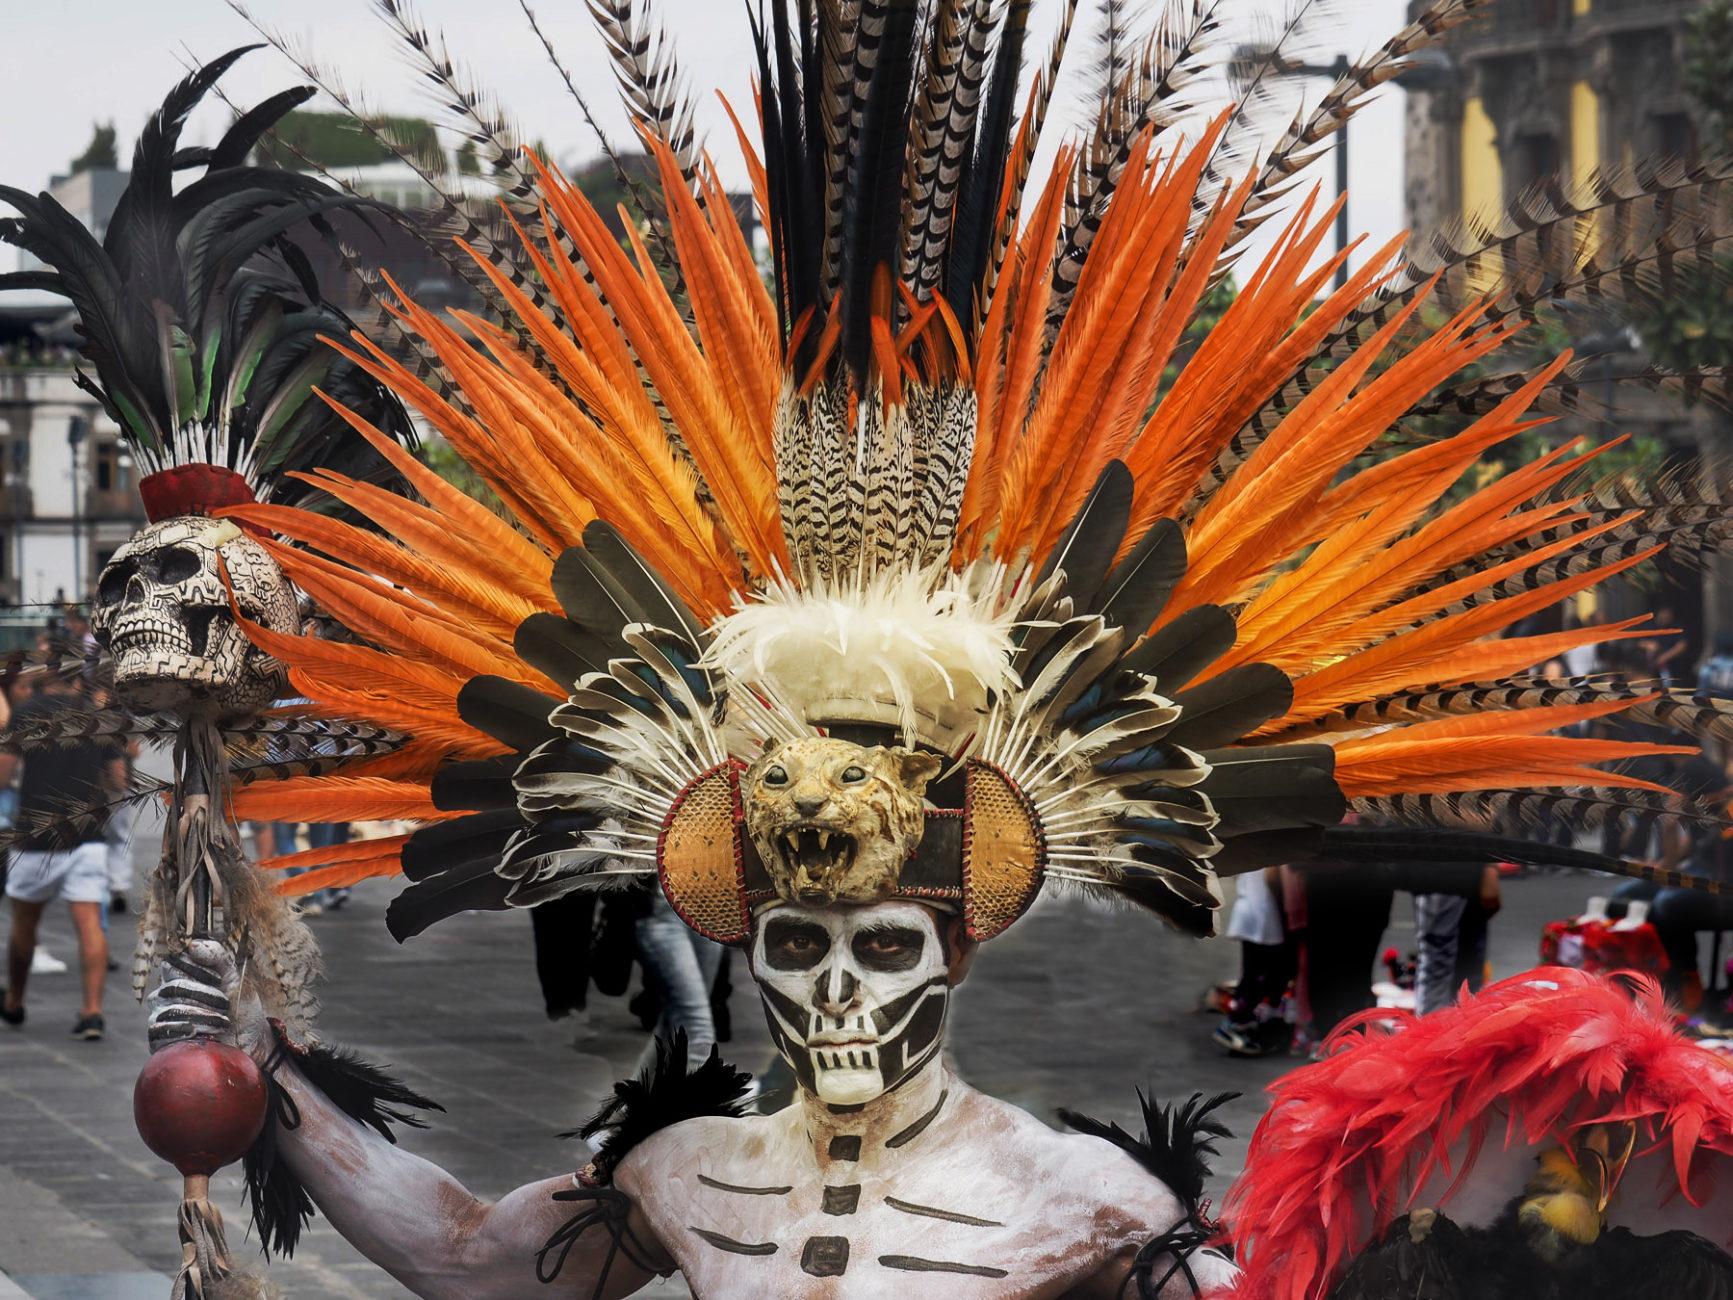 Wilde Gestalten aus der aztekischen Vergangenheit